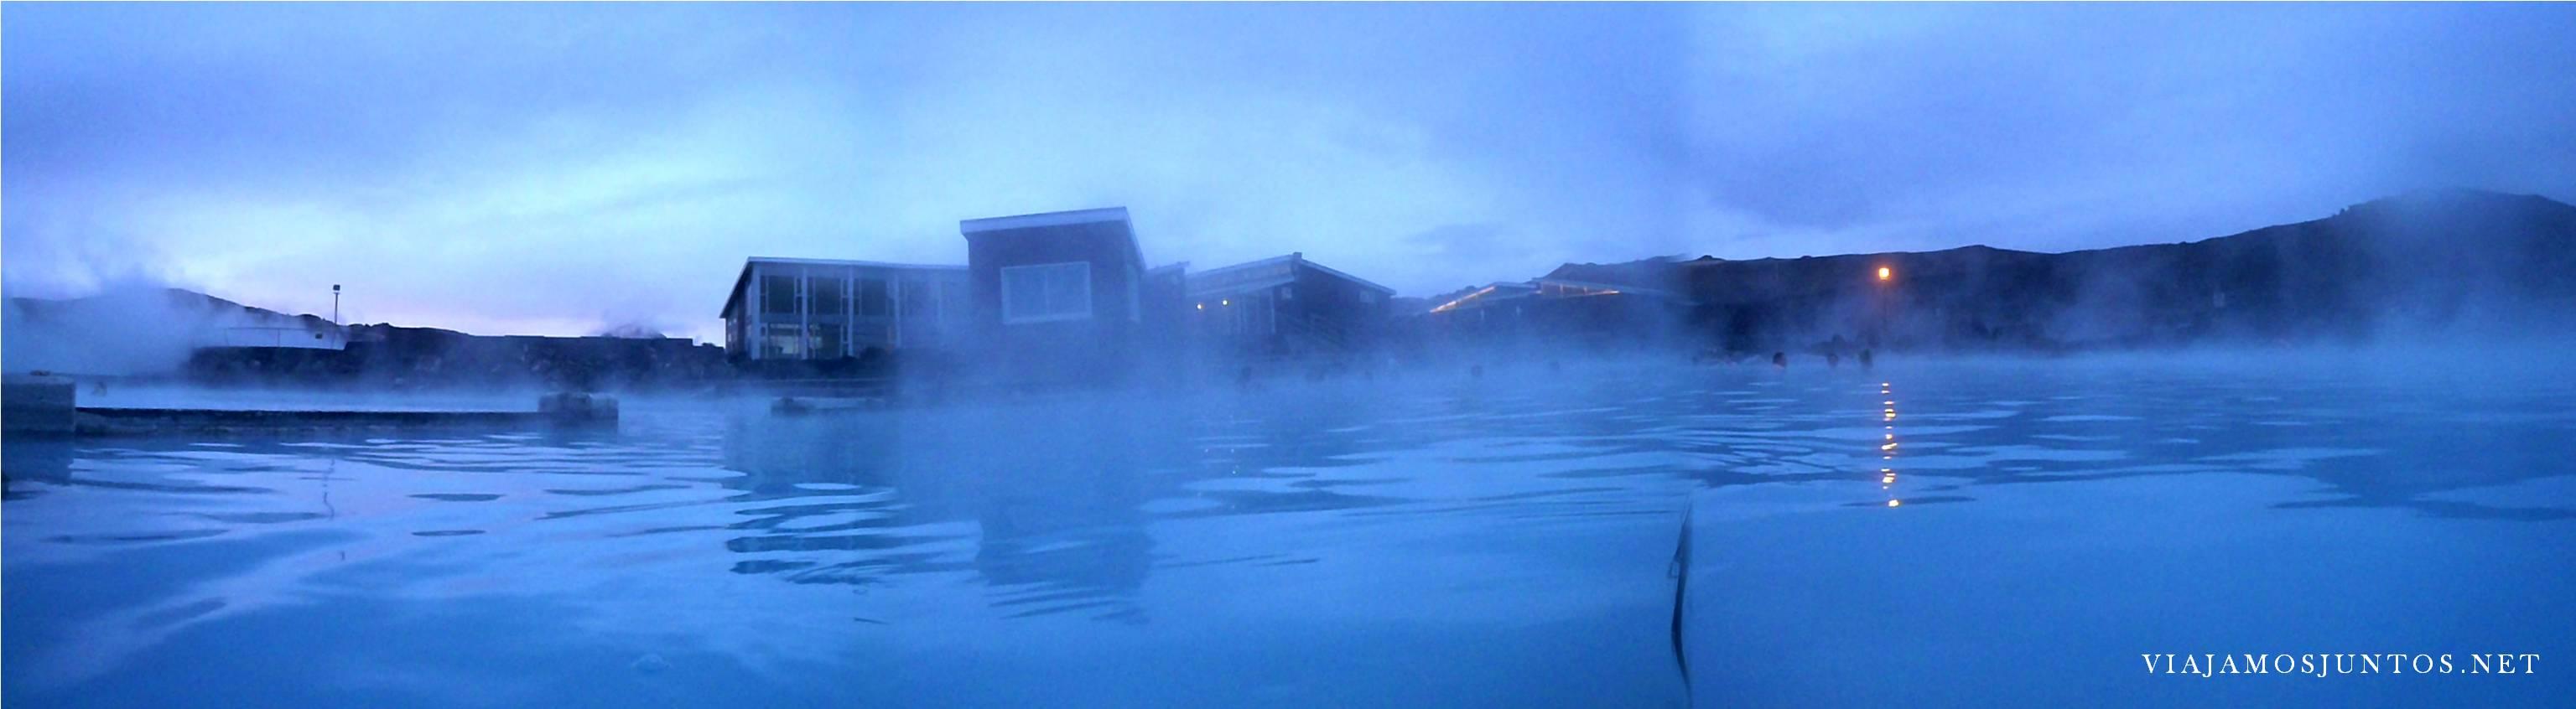 dimmuborgir, myvatn, islandia, iceland, viti, krafla, leirhnjukur, rutas, coche, viaje, Blue Lagoon del Norte,